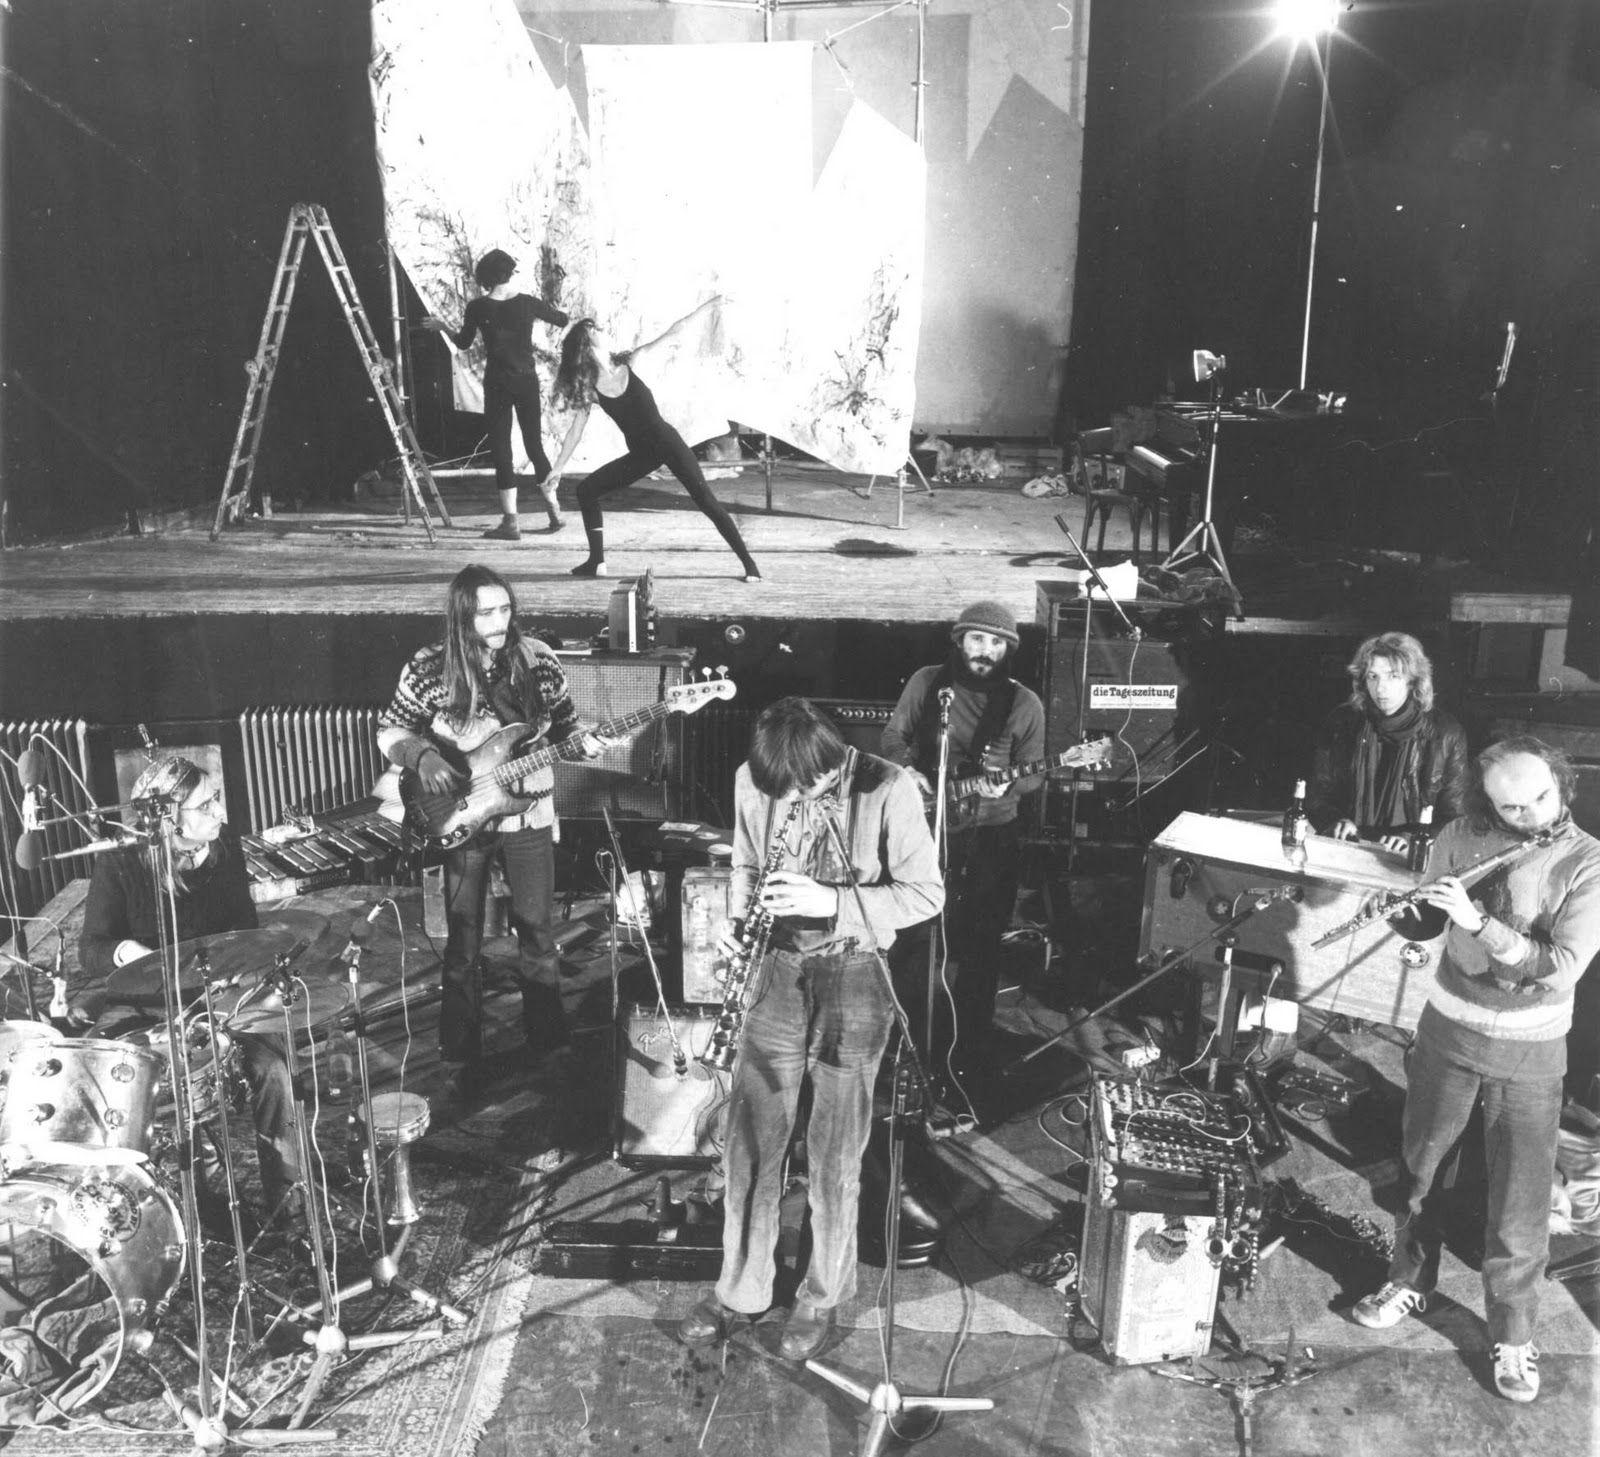 Embryo - 1980 - dancer and painter UFA Berlin & Christian Burchard, Uve Müllrich, Edgar Hofmann, Remigius Drechsler, Michael Wehmeyer